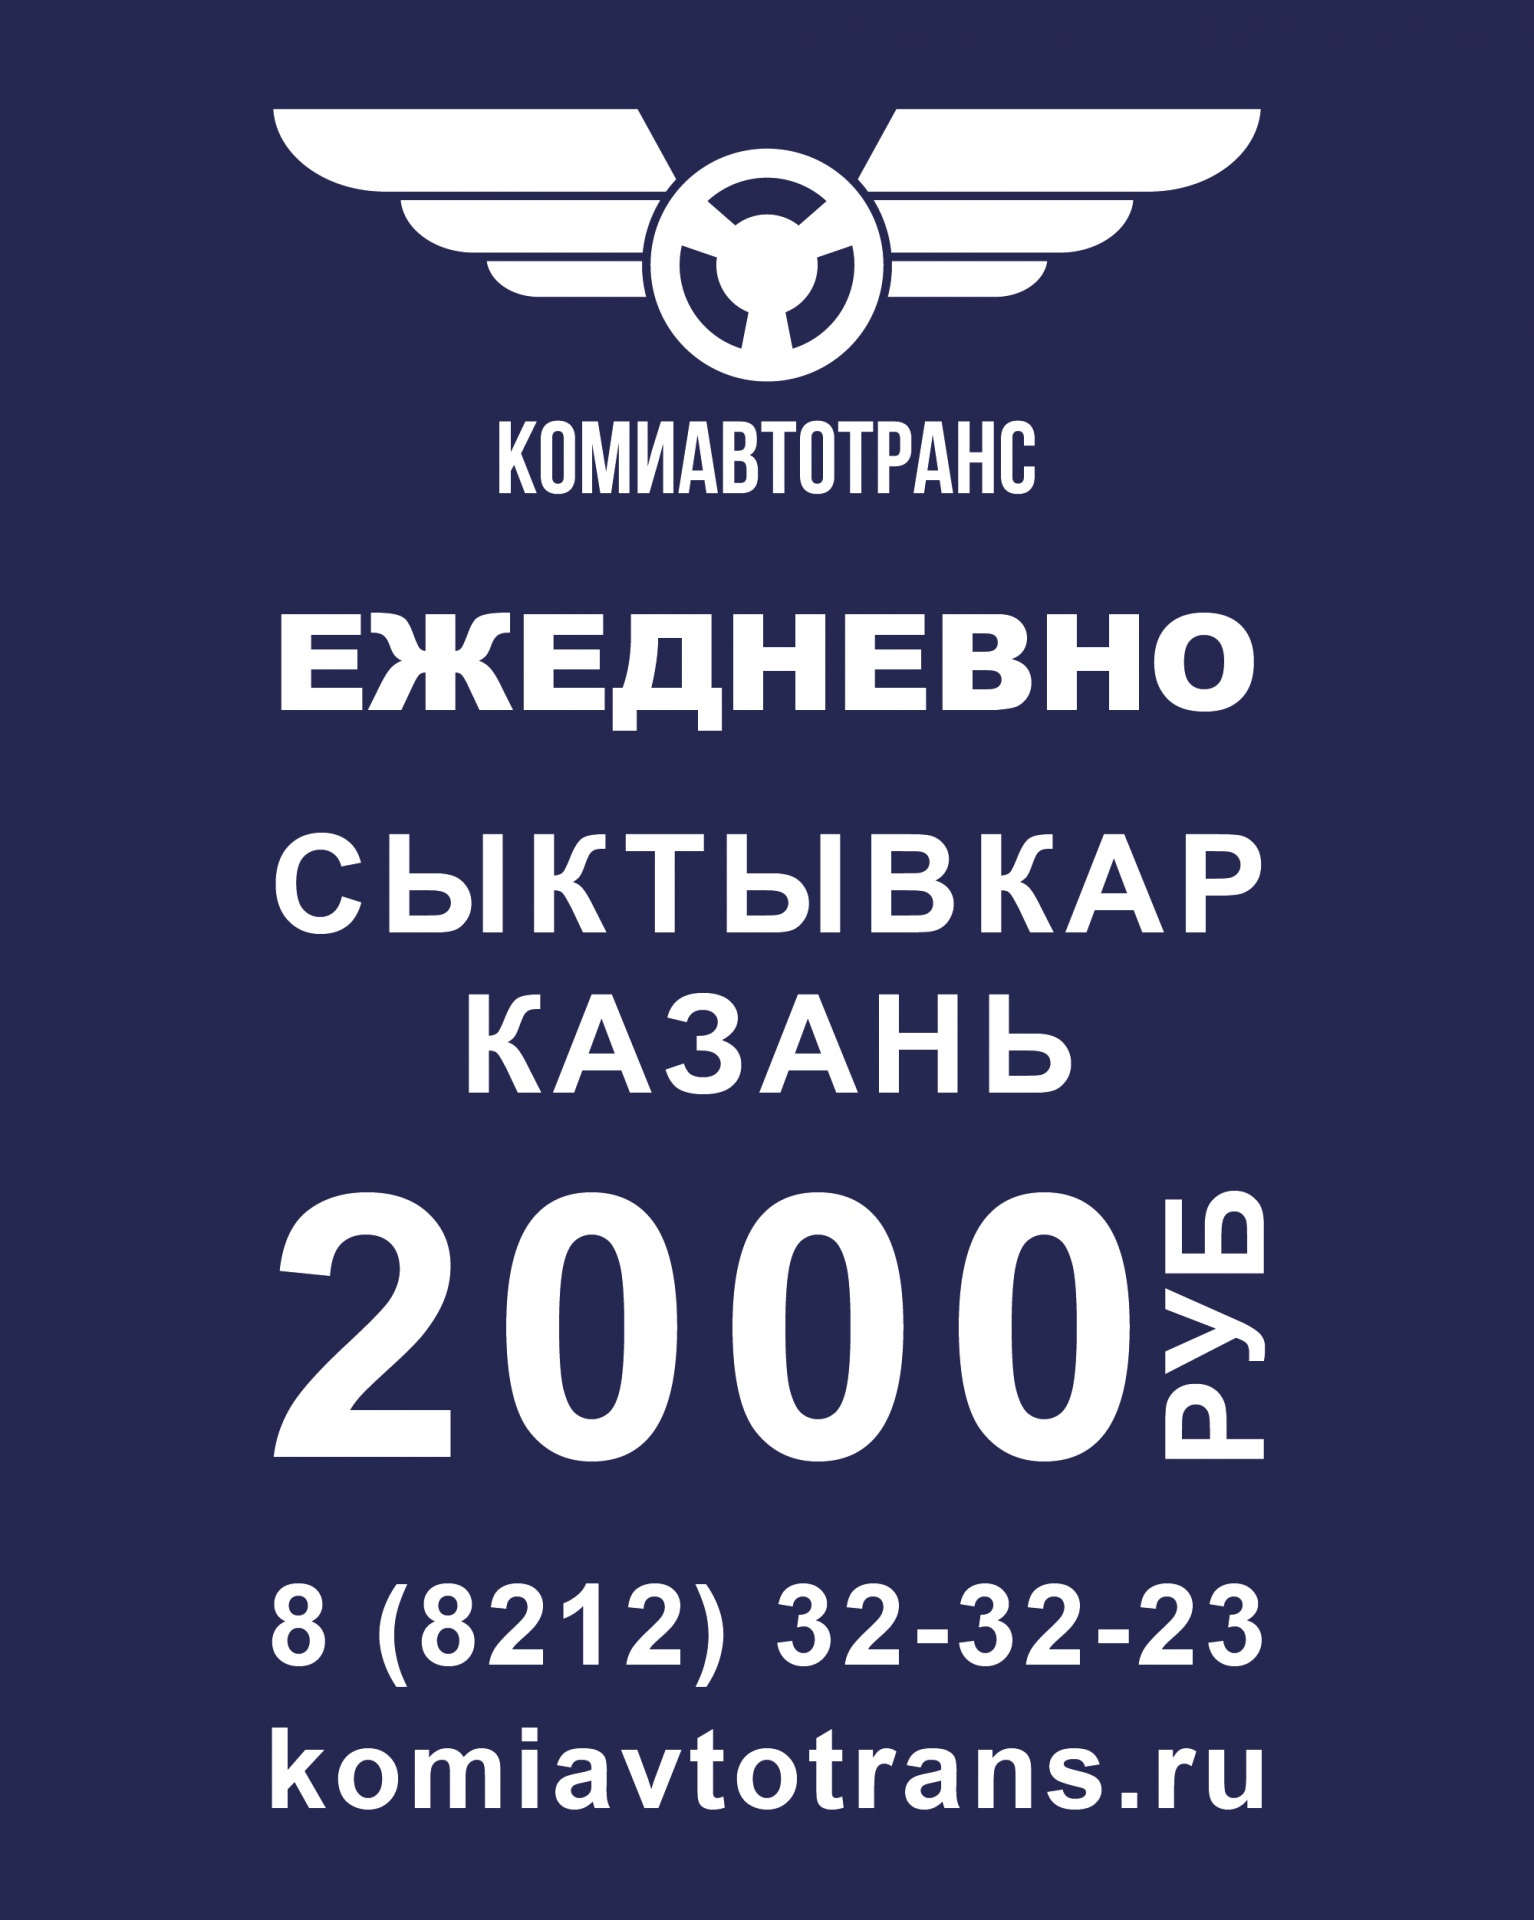 Maket-reklamy-reisa-dlya-postov-v-VK_Kazan-2000-01.jpg